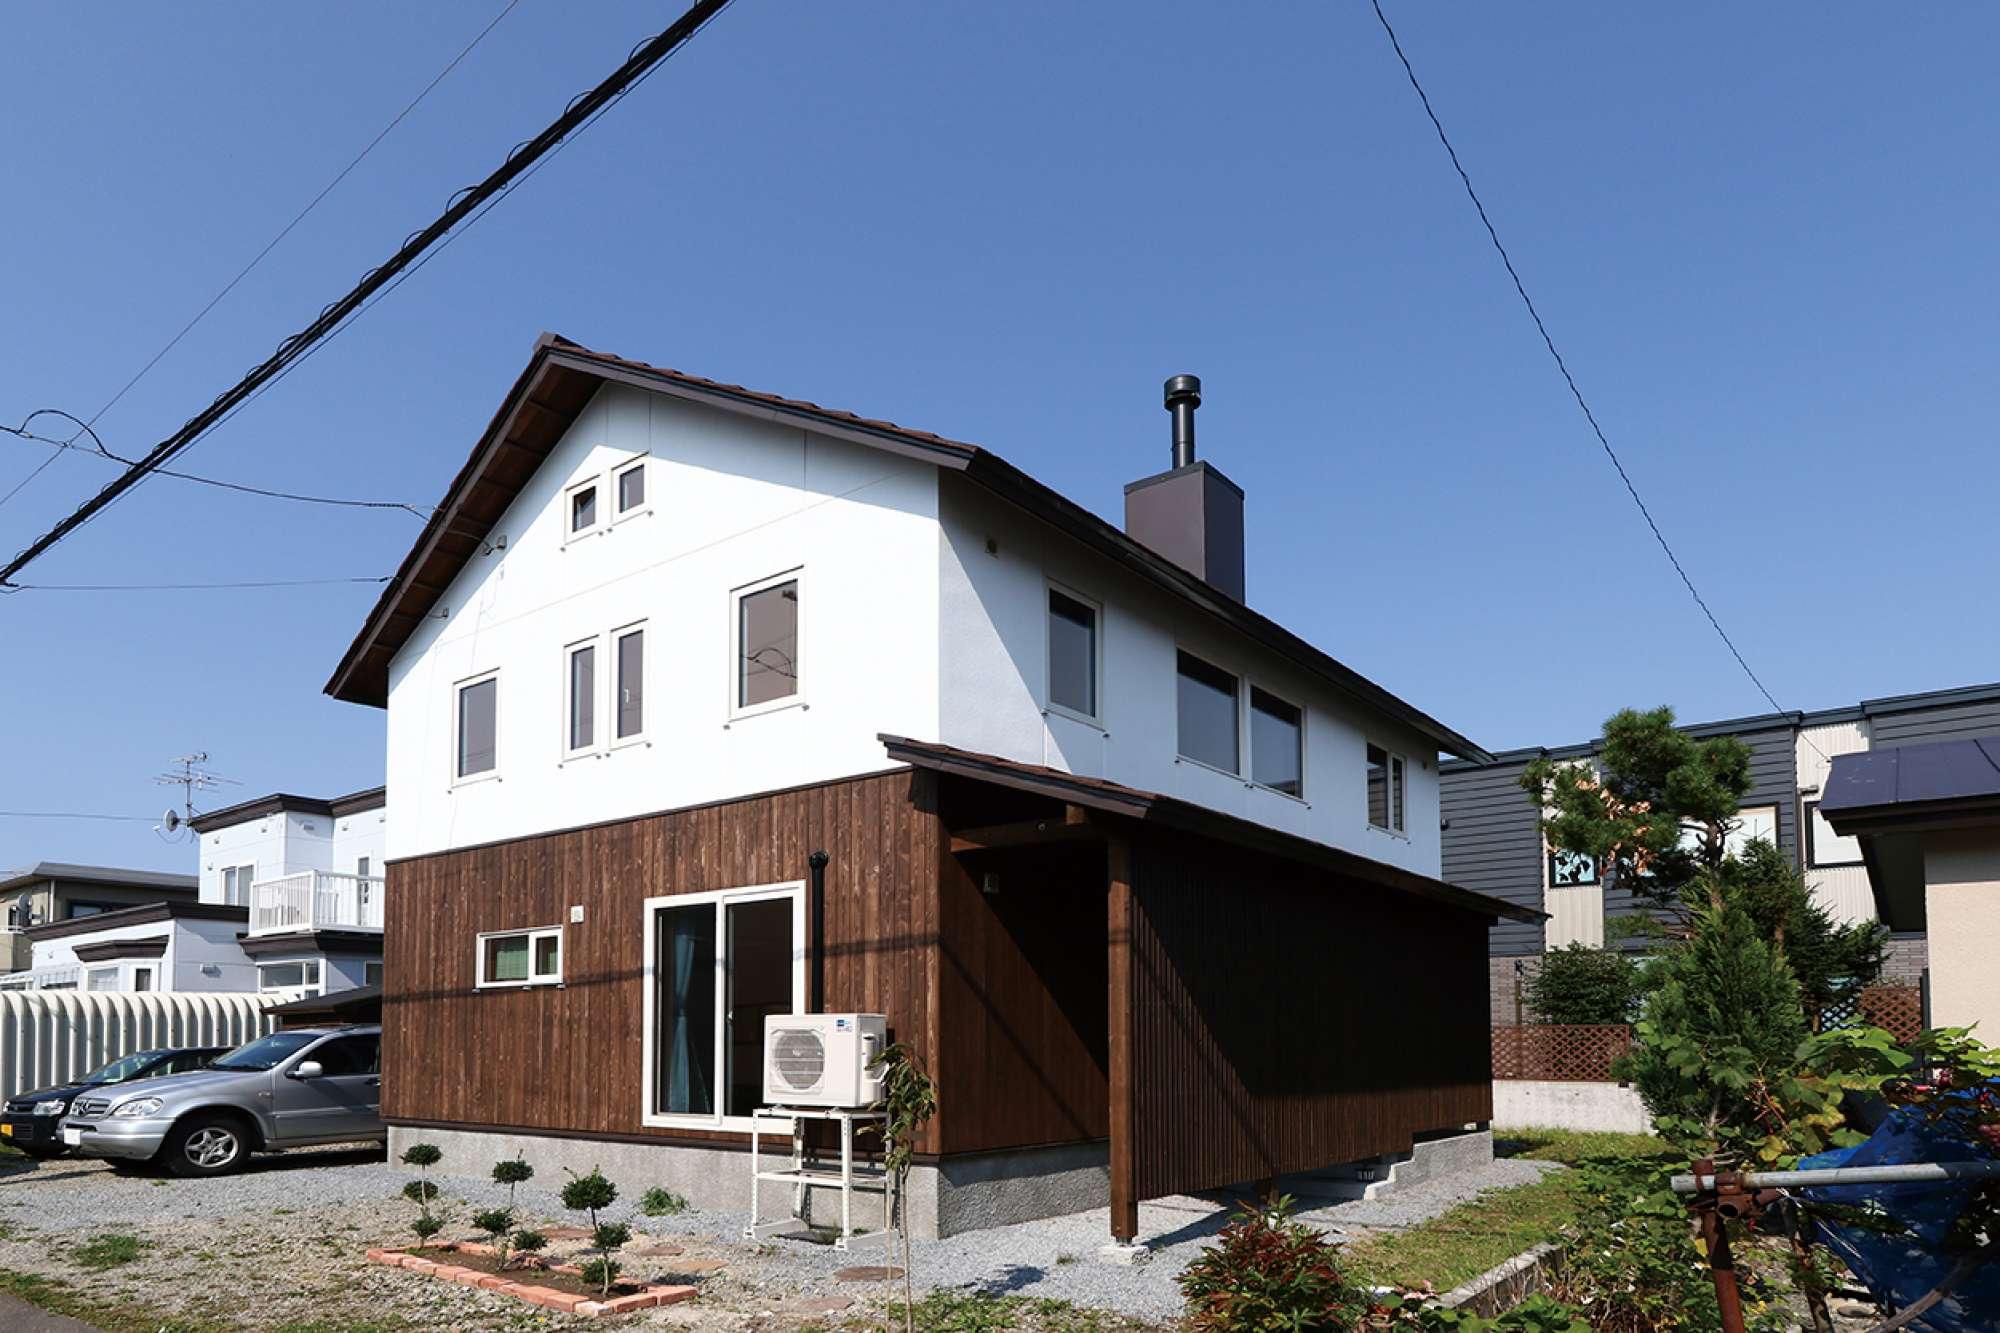 京都の町家を思わせる「通り土間」。 薪ストーブと、古民家風の味わい -